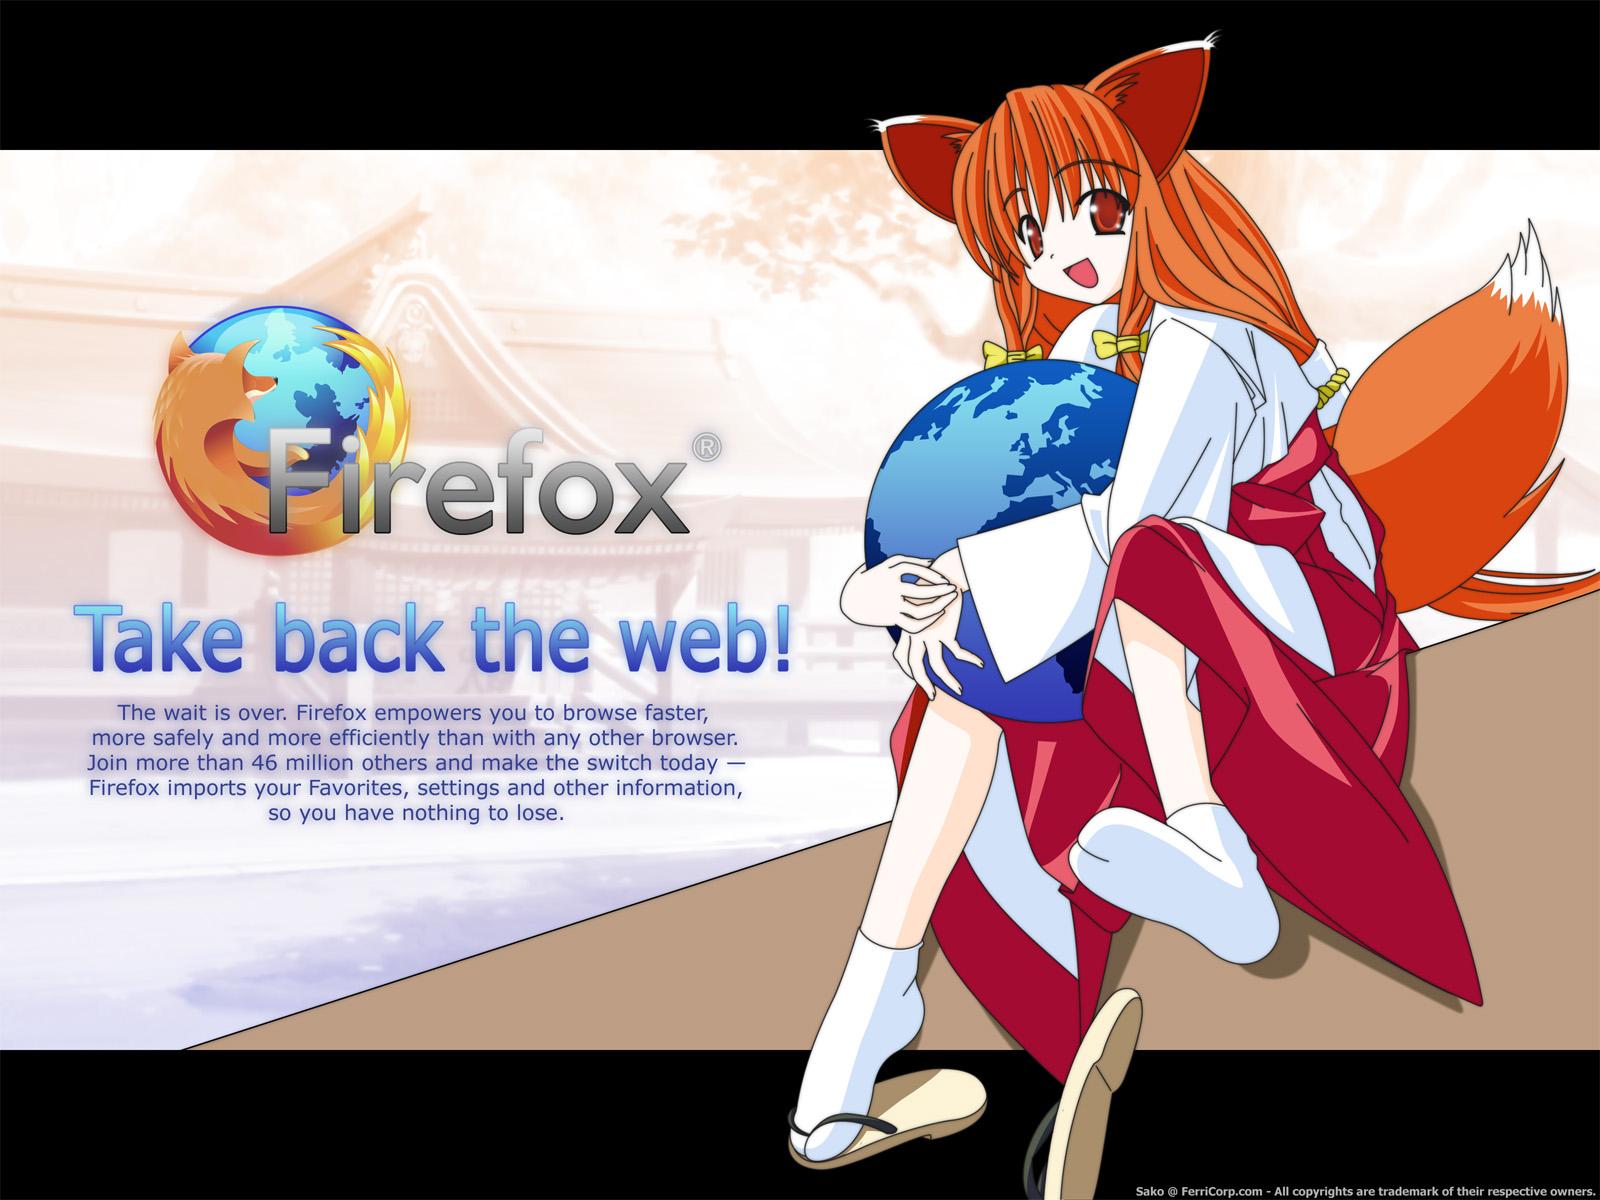 OS-tan Wallpaper: Take Back The Web!